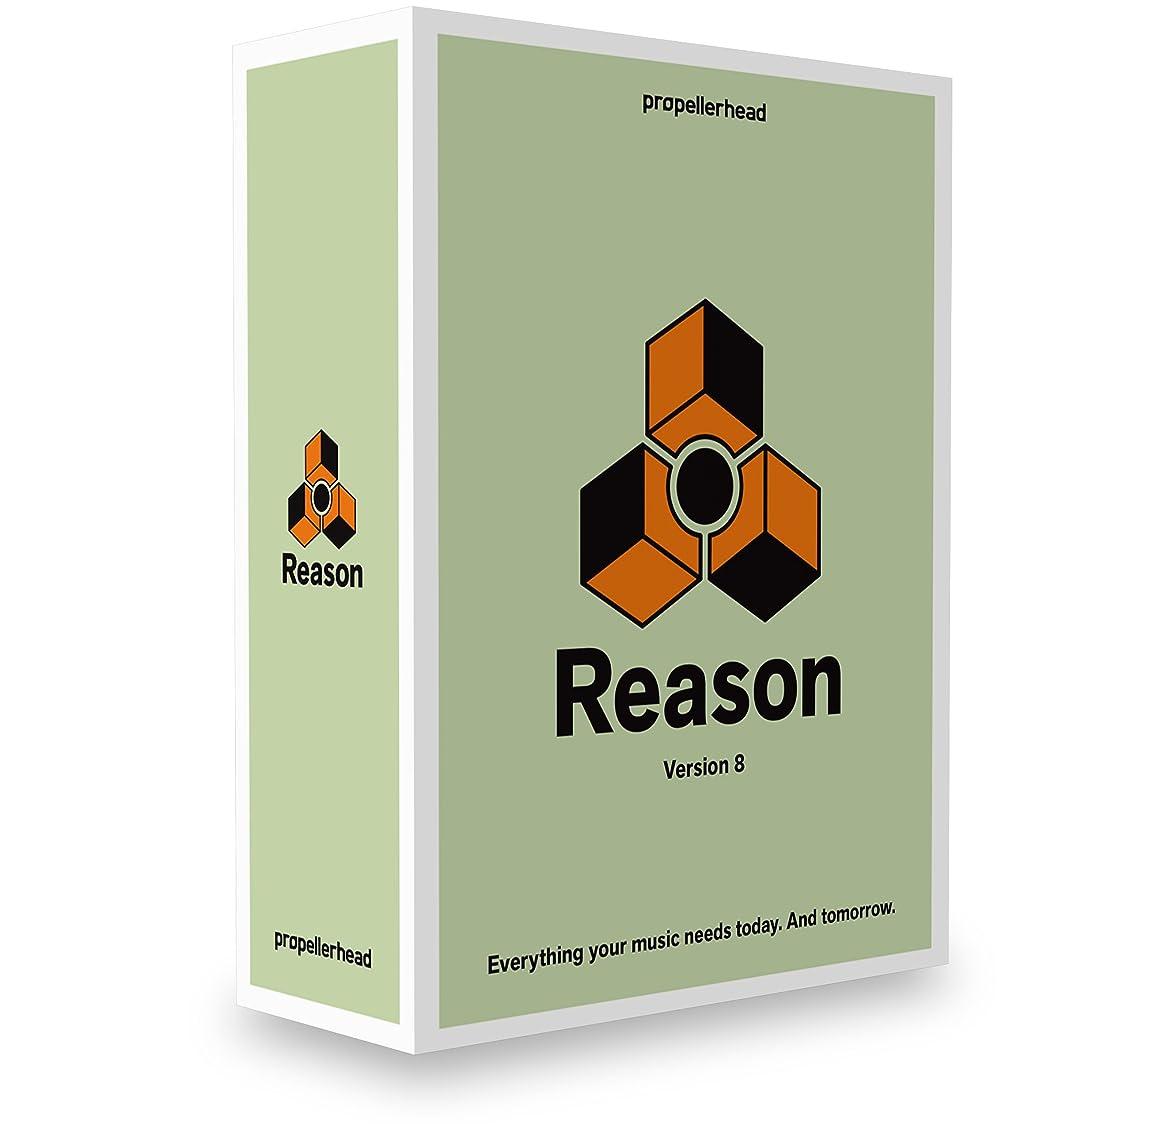 病者ギャンブル有効化Reason 8 Upgrade Music Software